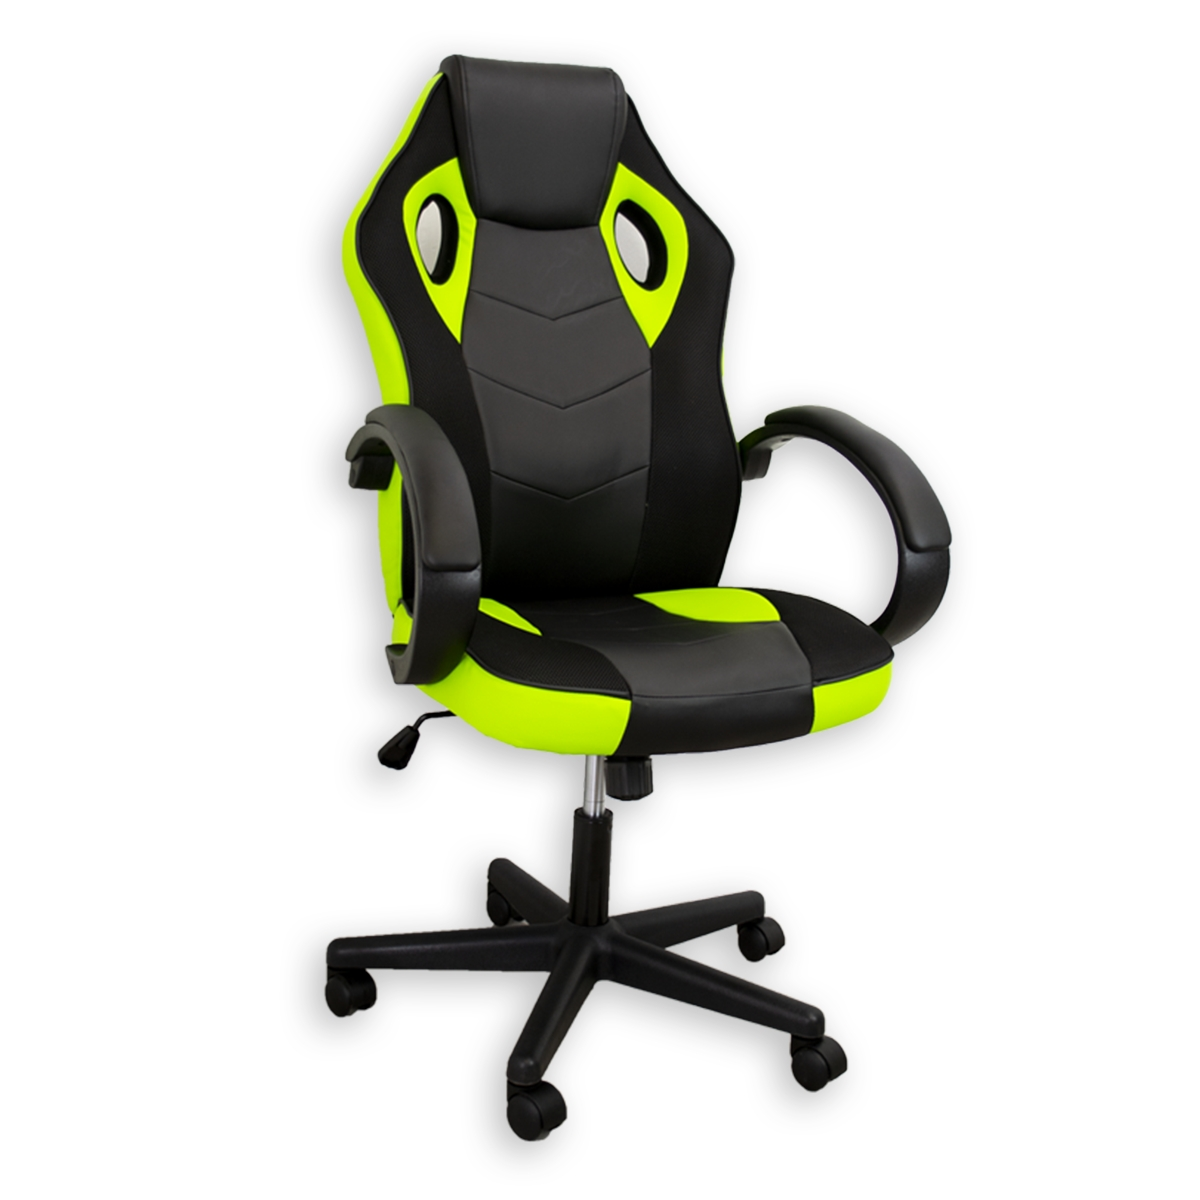 miniatura 55 - Sedia Poltrona da Gaming per Ufficio reclinabile Imbottita ergonomica GTX RTX